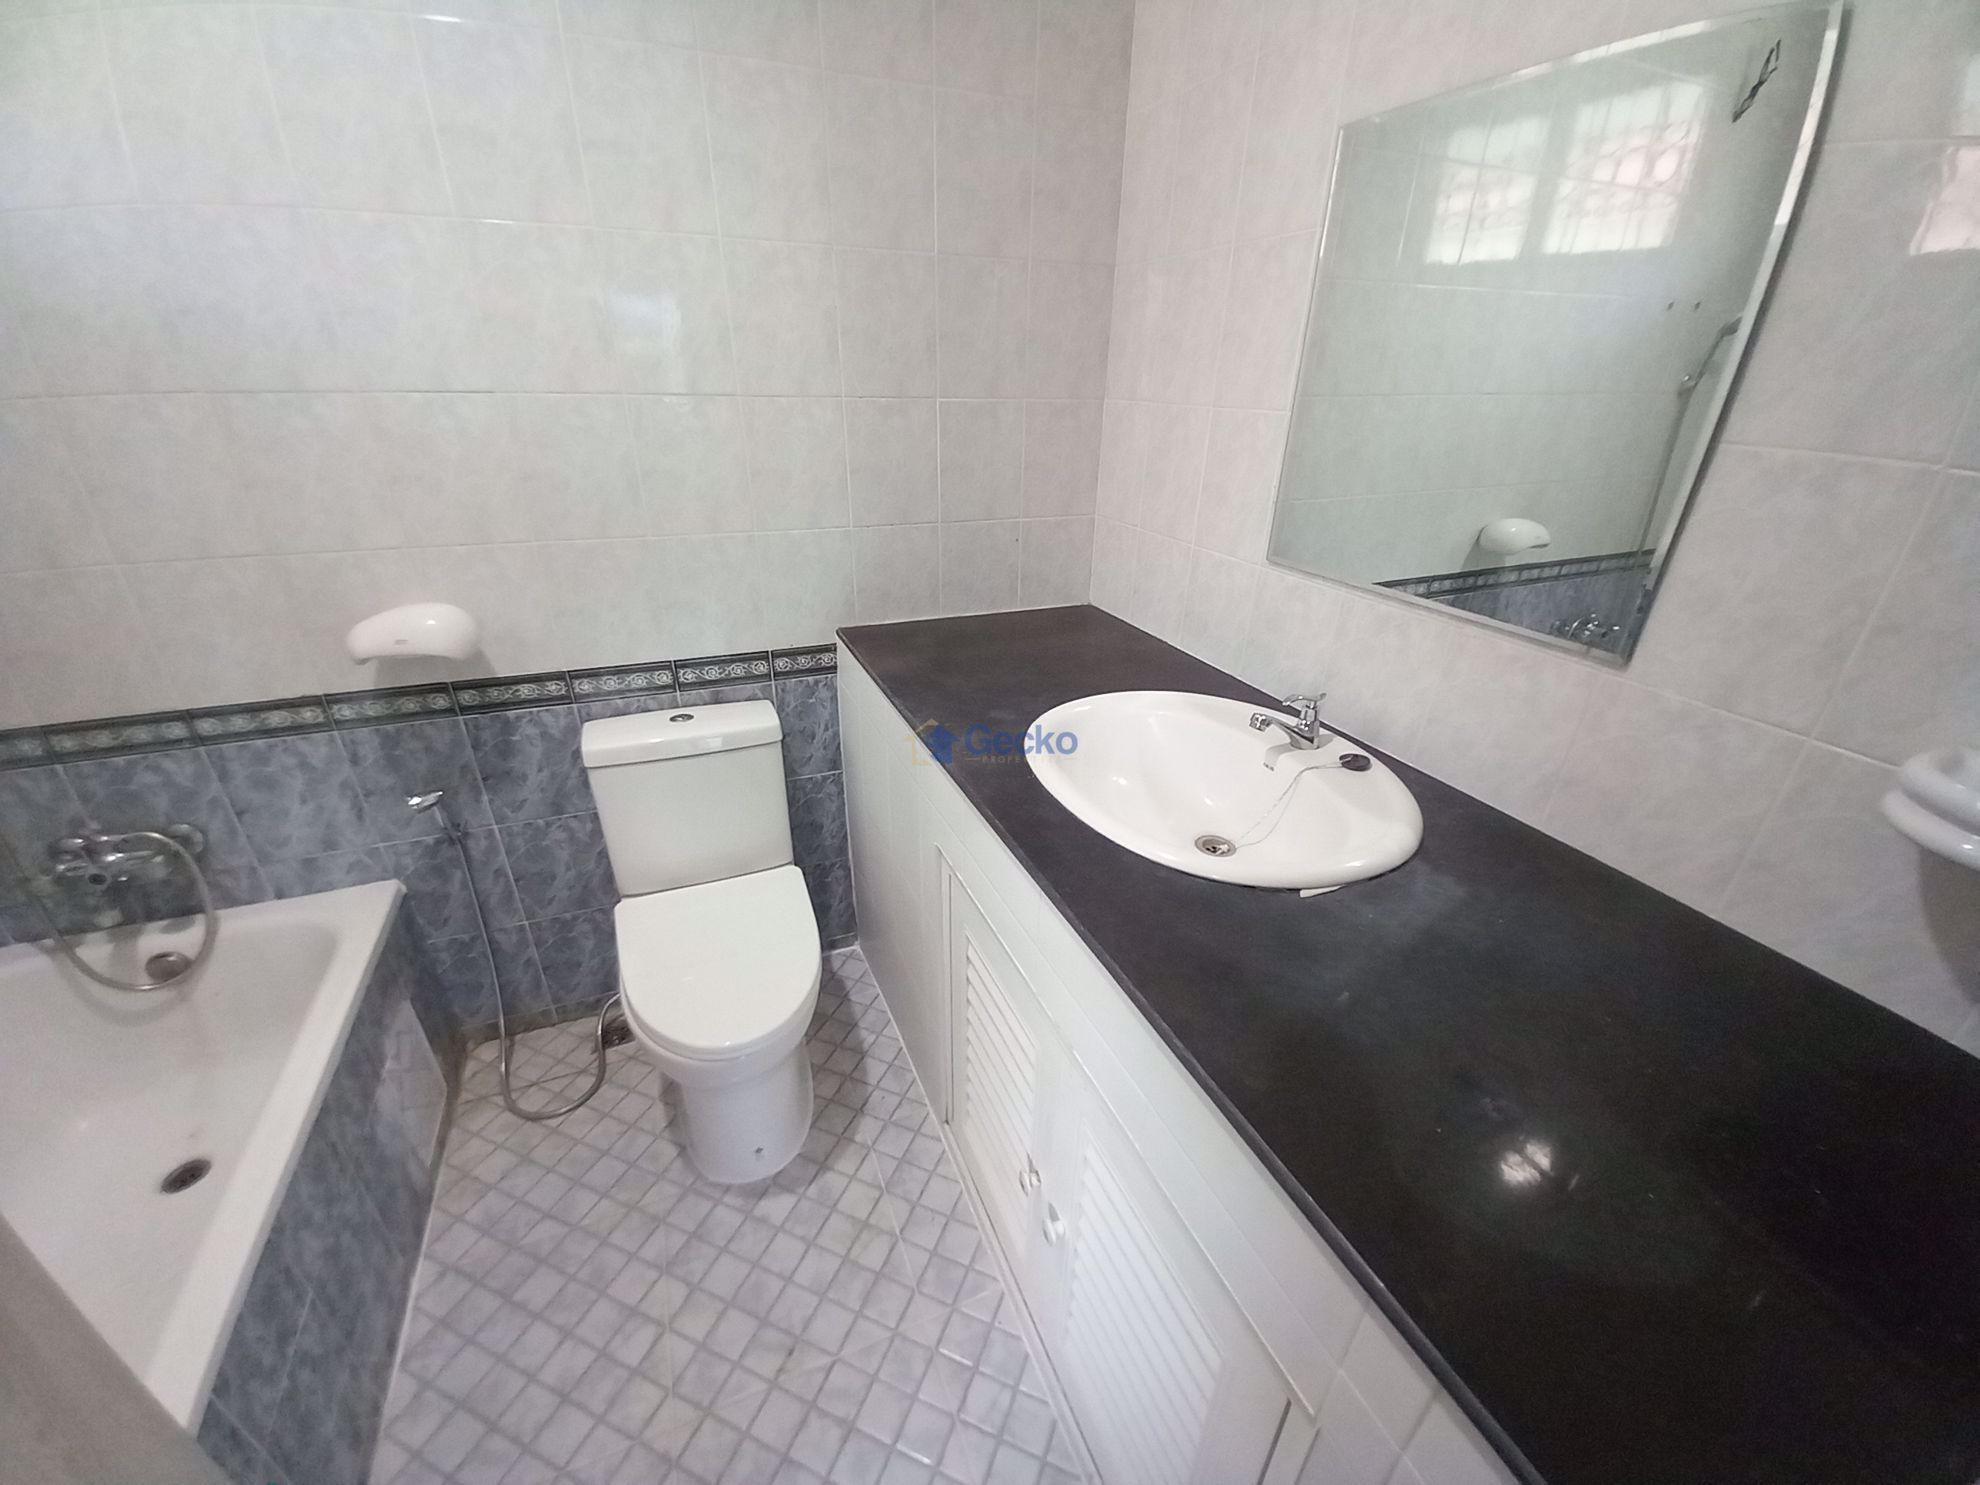 图片 3 Bedrooms bed in House in Permsub Garden Resort in East Pattaya H009249